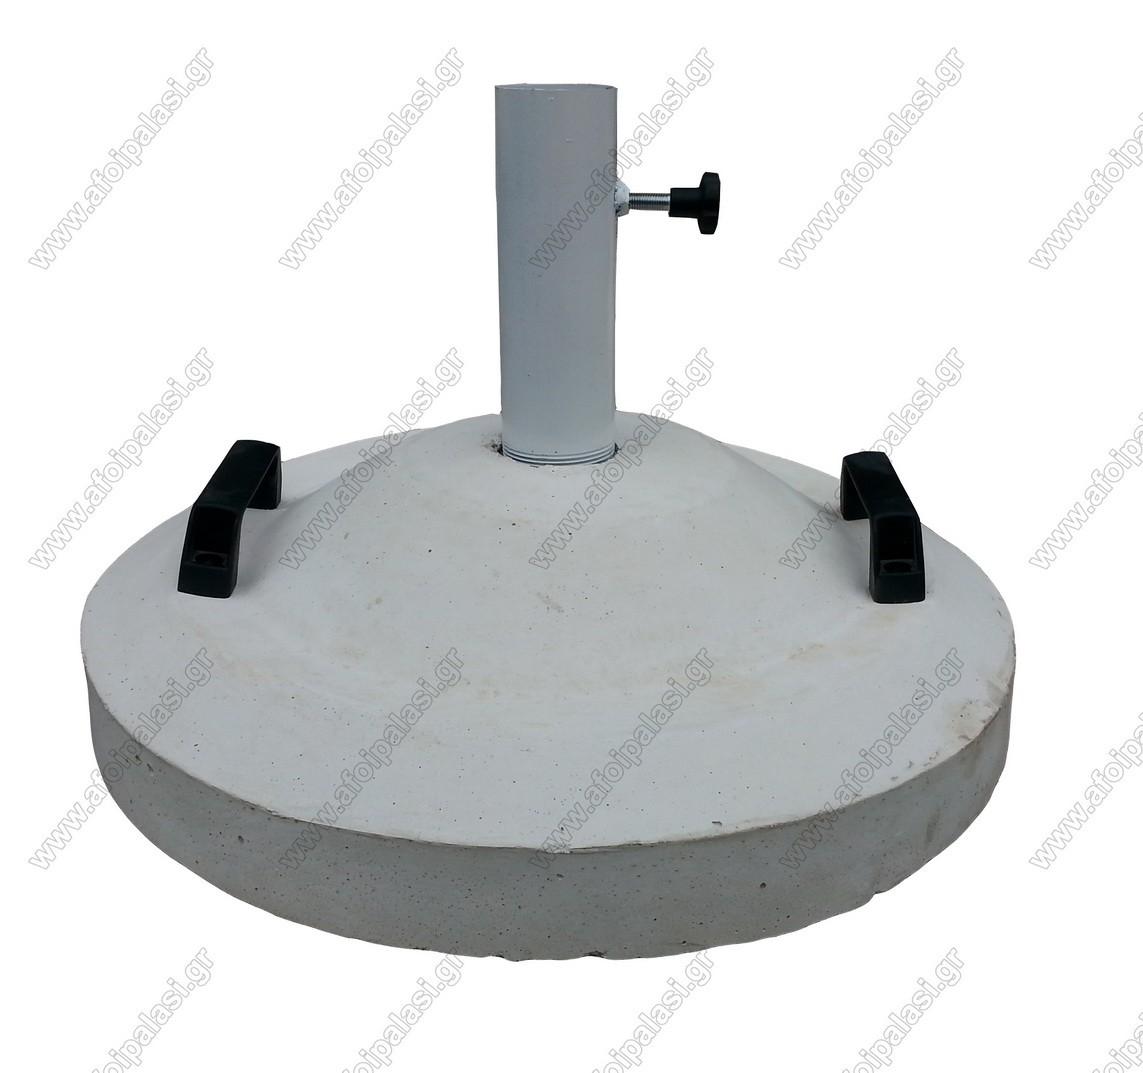 Βάση ομπρέλας στρογγυλή από τσιμέντο για ιστούς Ø48mm - 45kg